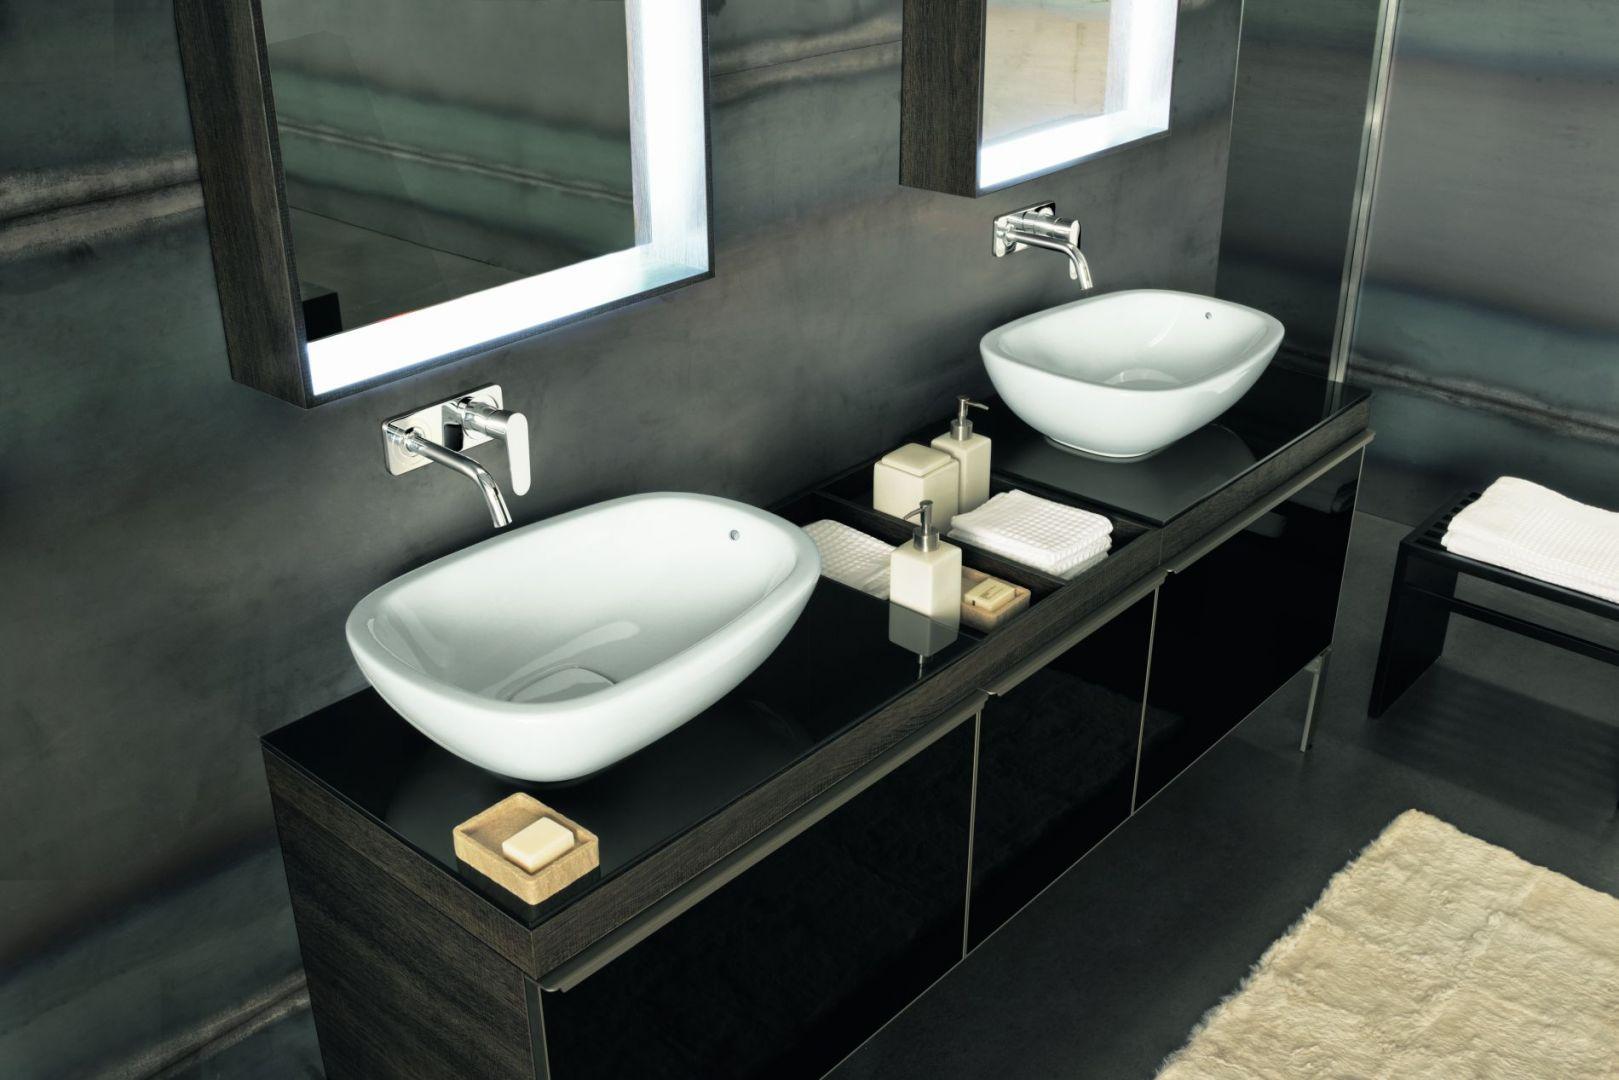 We współpracy z firmą Geberit Antonio Citterio stworzył serię łazienek premium. Fot. Geberit